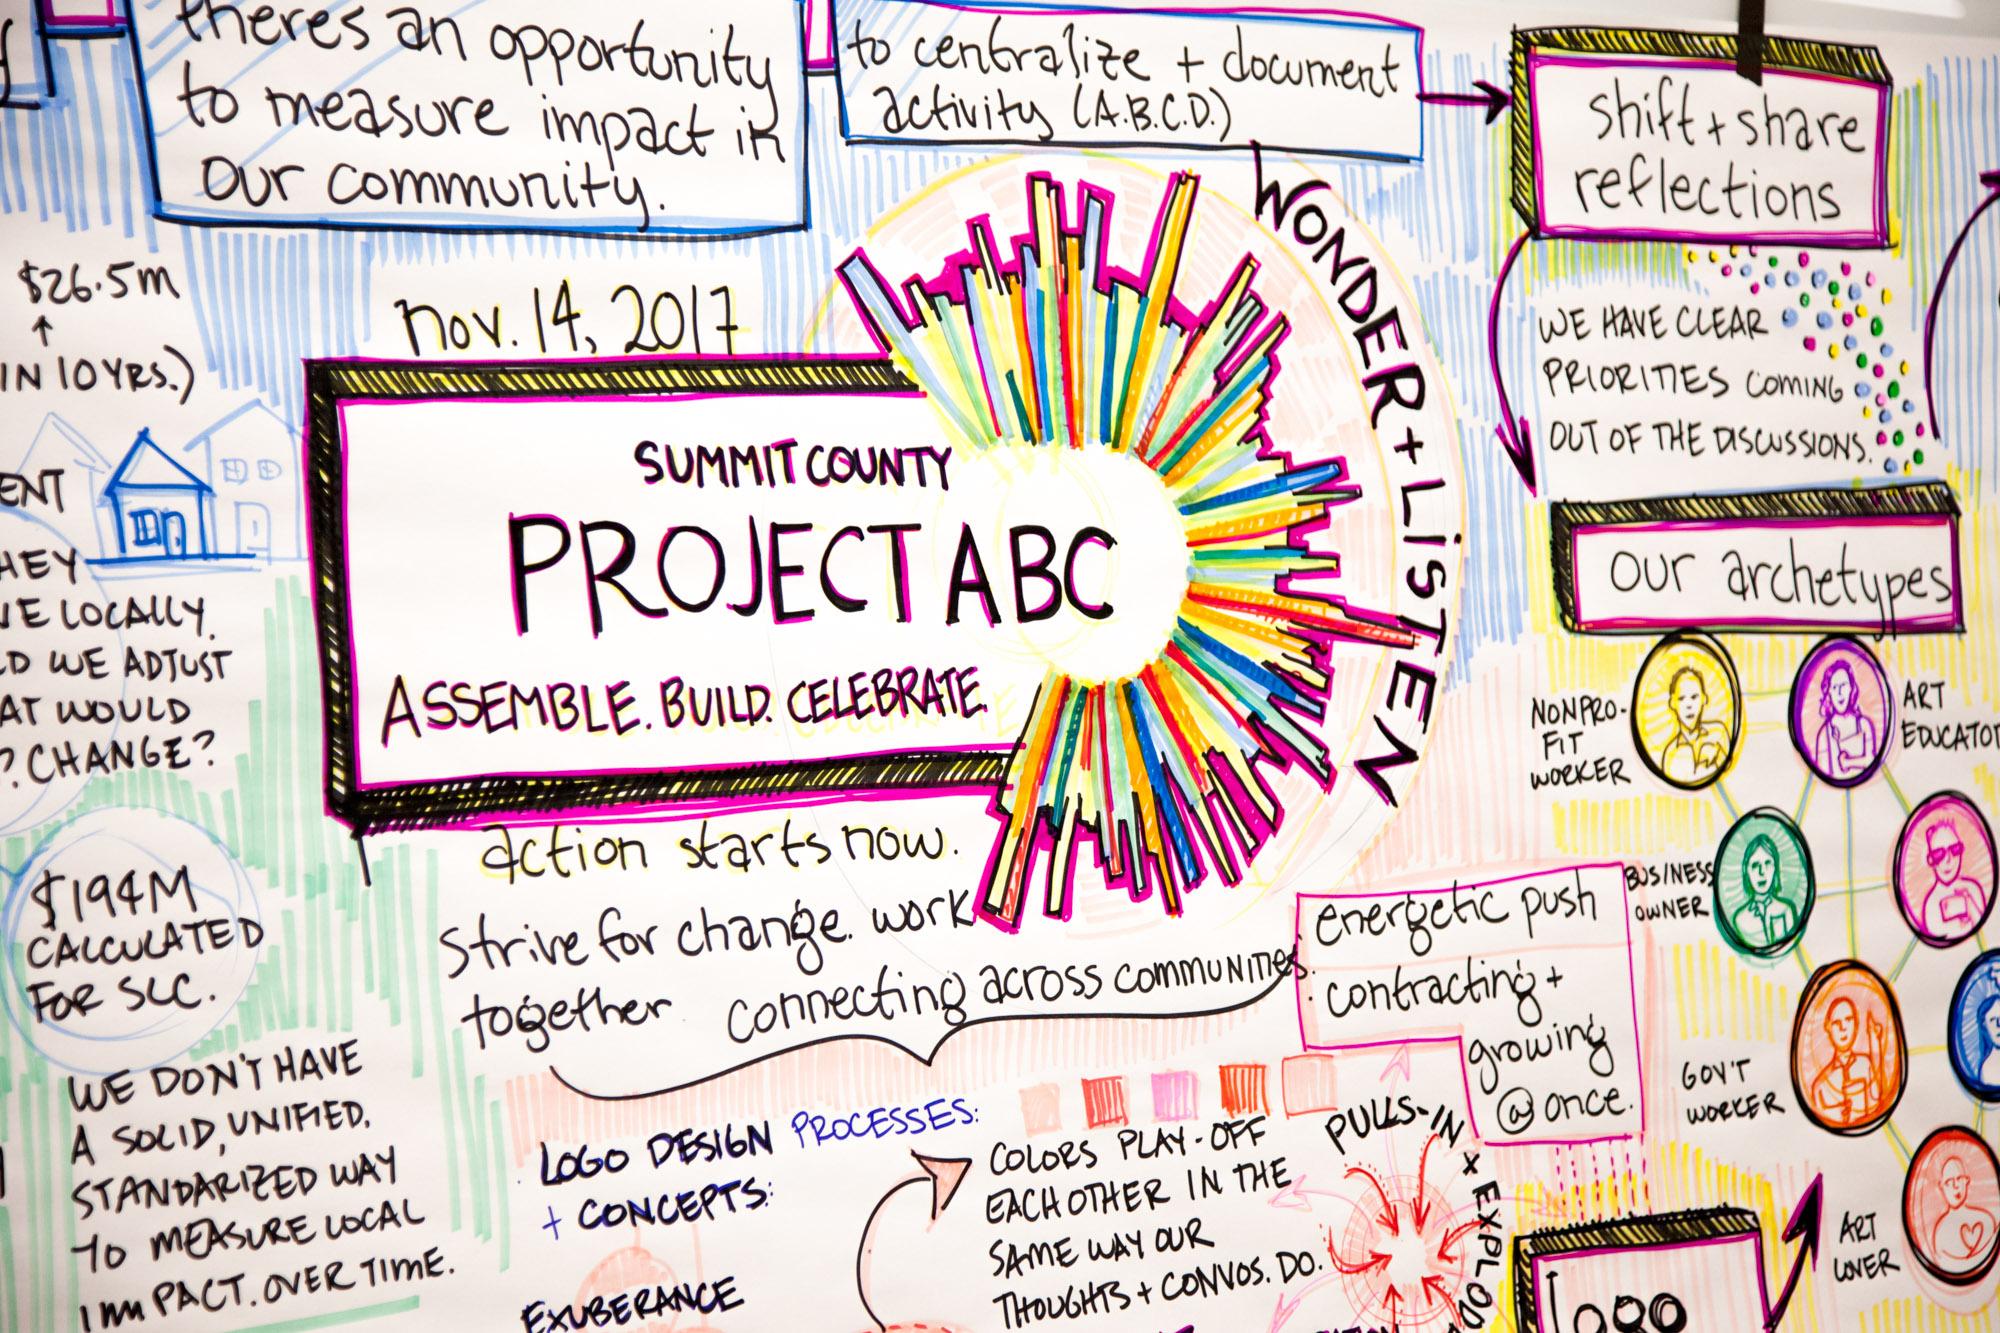 ProjectABC Summit_11.14.17_RW_sm-2 2.jpg